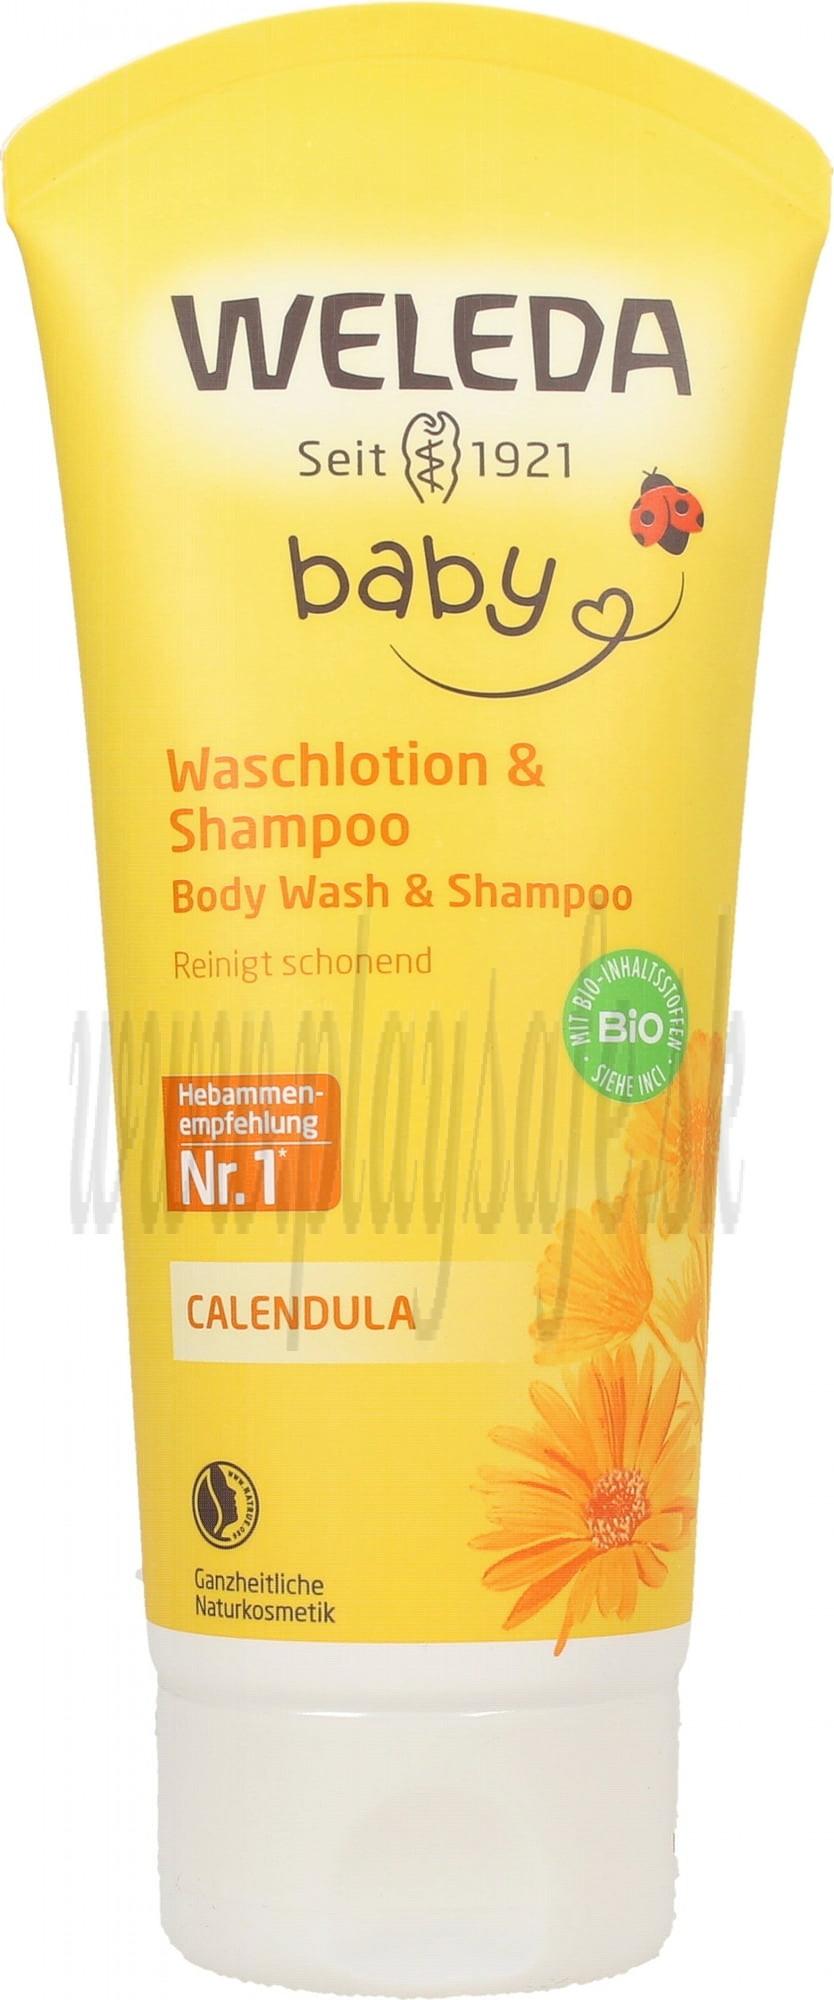 Weleda Calendula Body Wash & Shampoo, 200ml